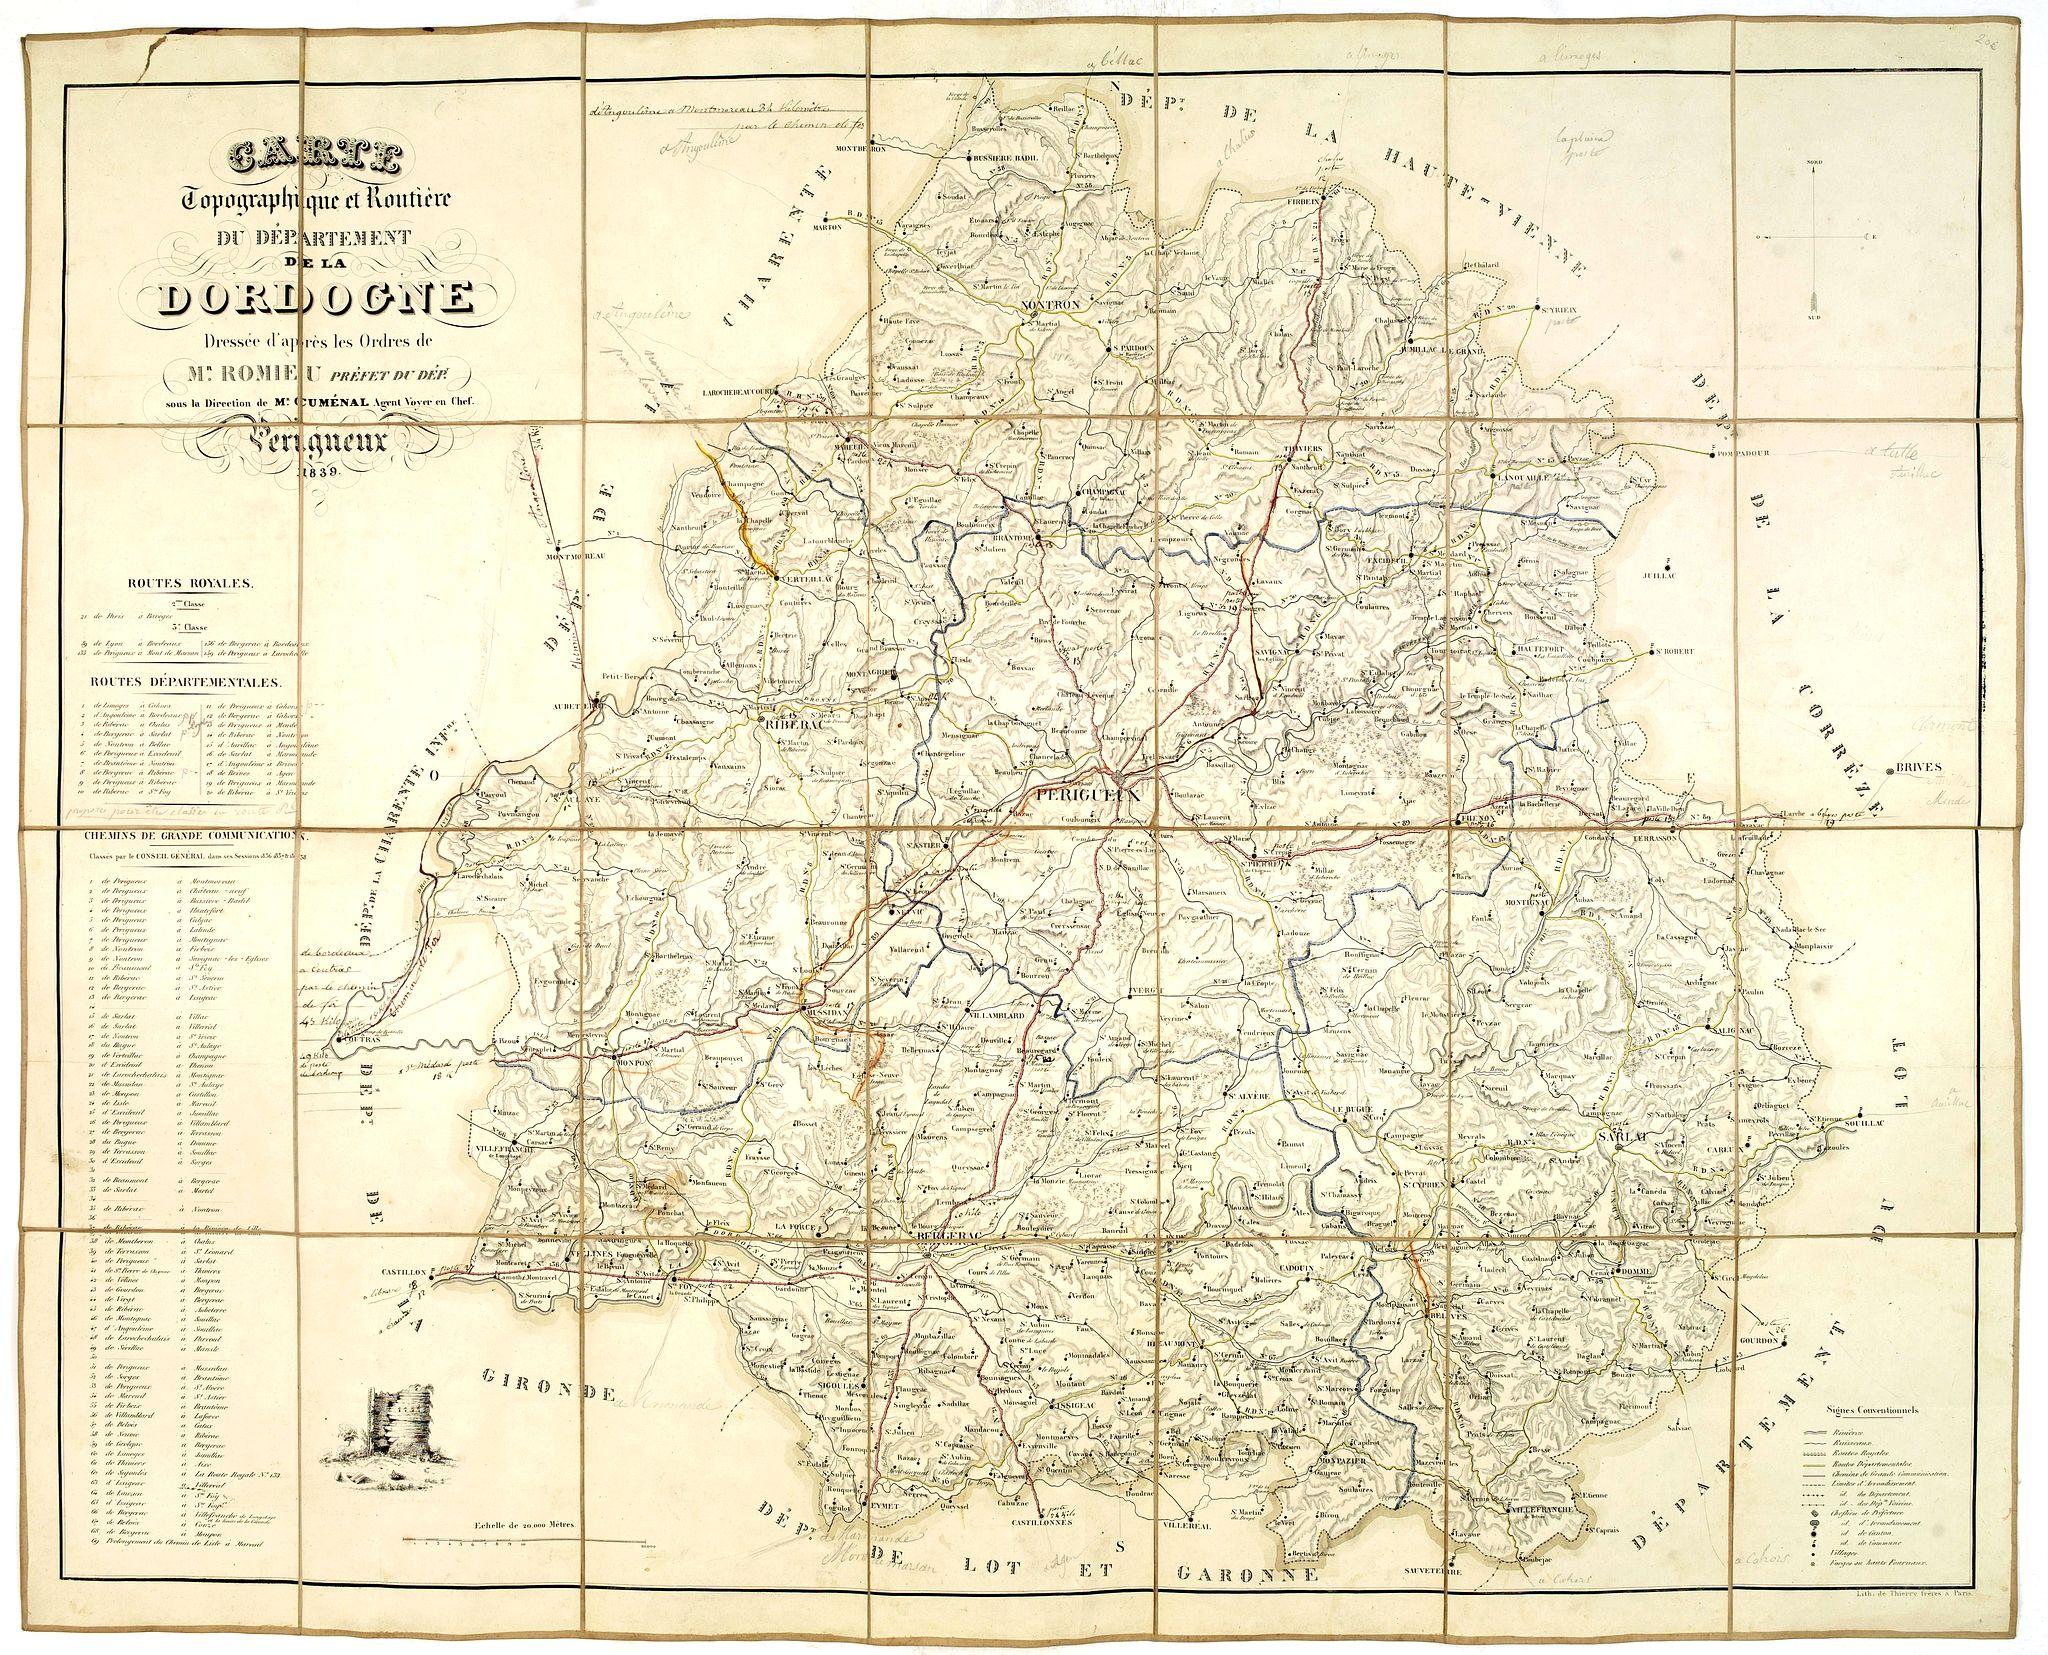 ROMIEU / CUMENAL. -  Carte topographique et routière du département de la Dordogne. . .